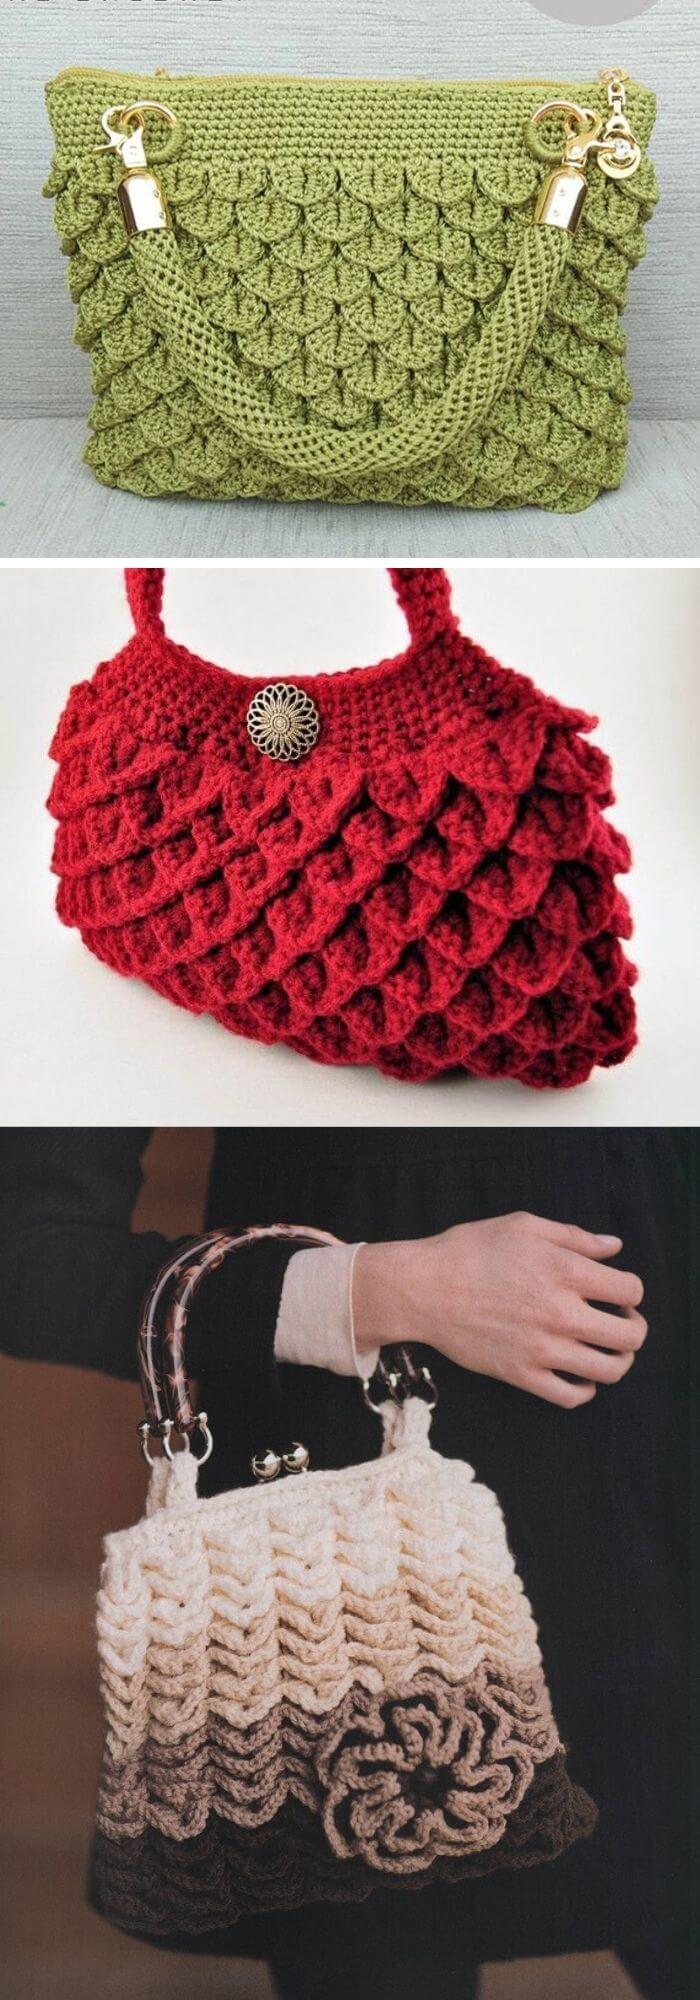 The clutch stitch bag